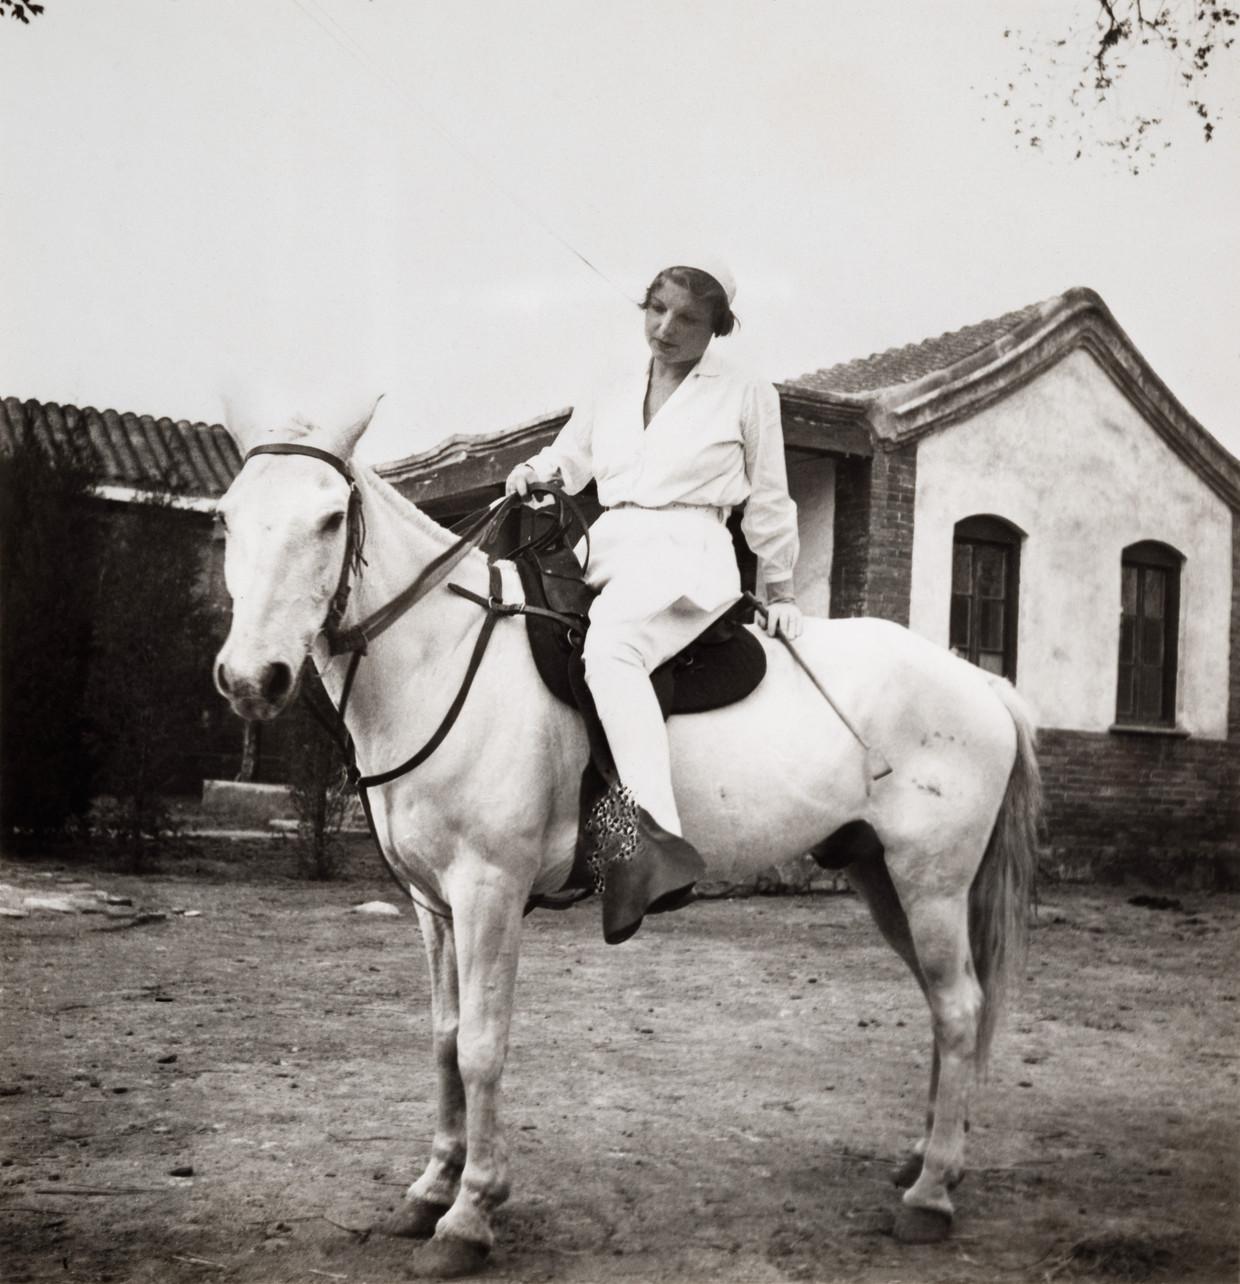 Ellen Thorbecke (1902 - 1973) in China. De fotograaf is onbekend. Beeld Nederlands Fotomuseum